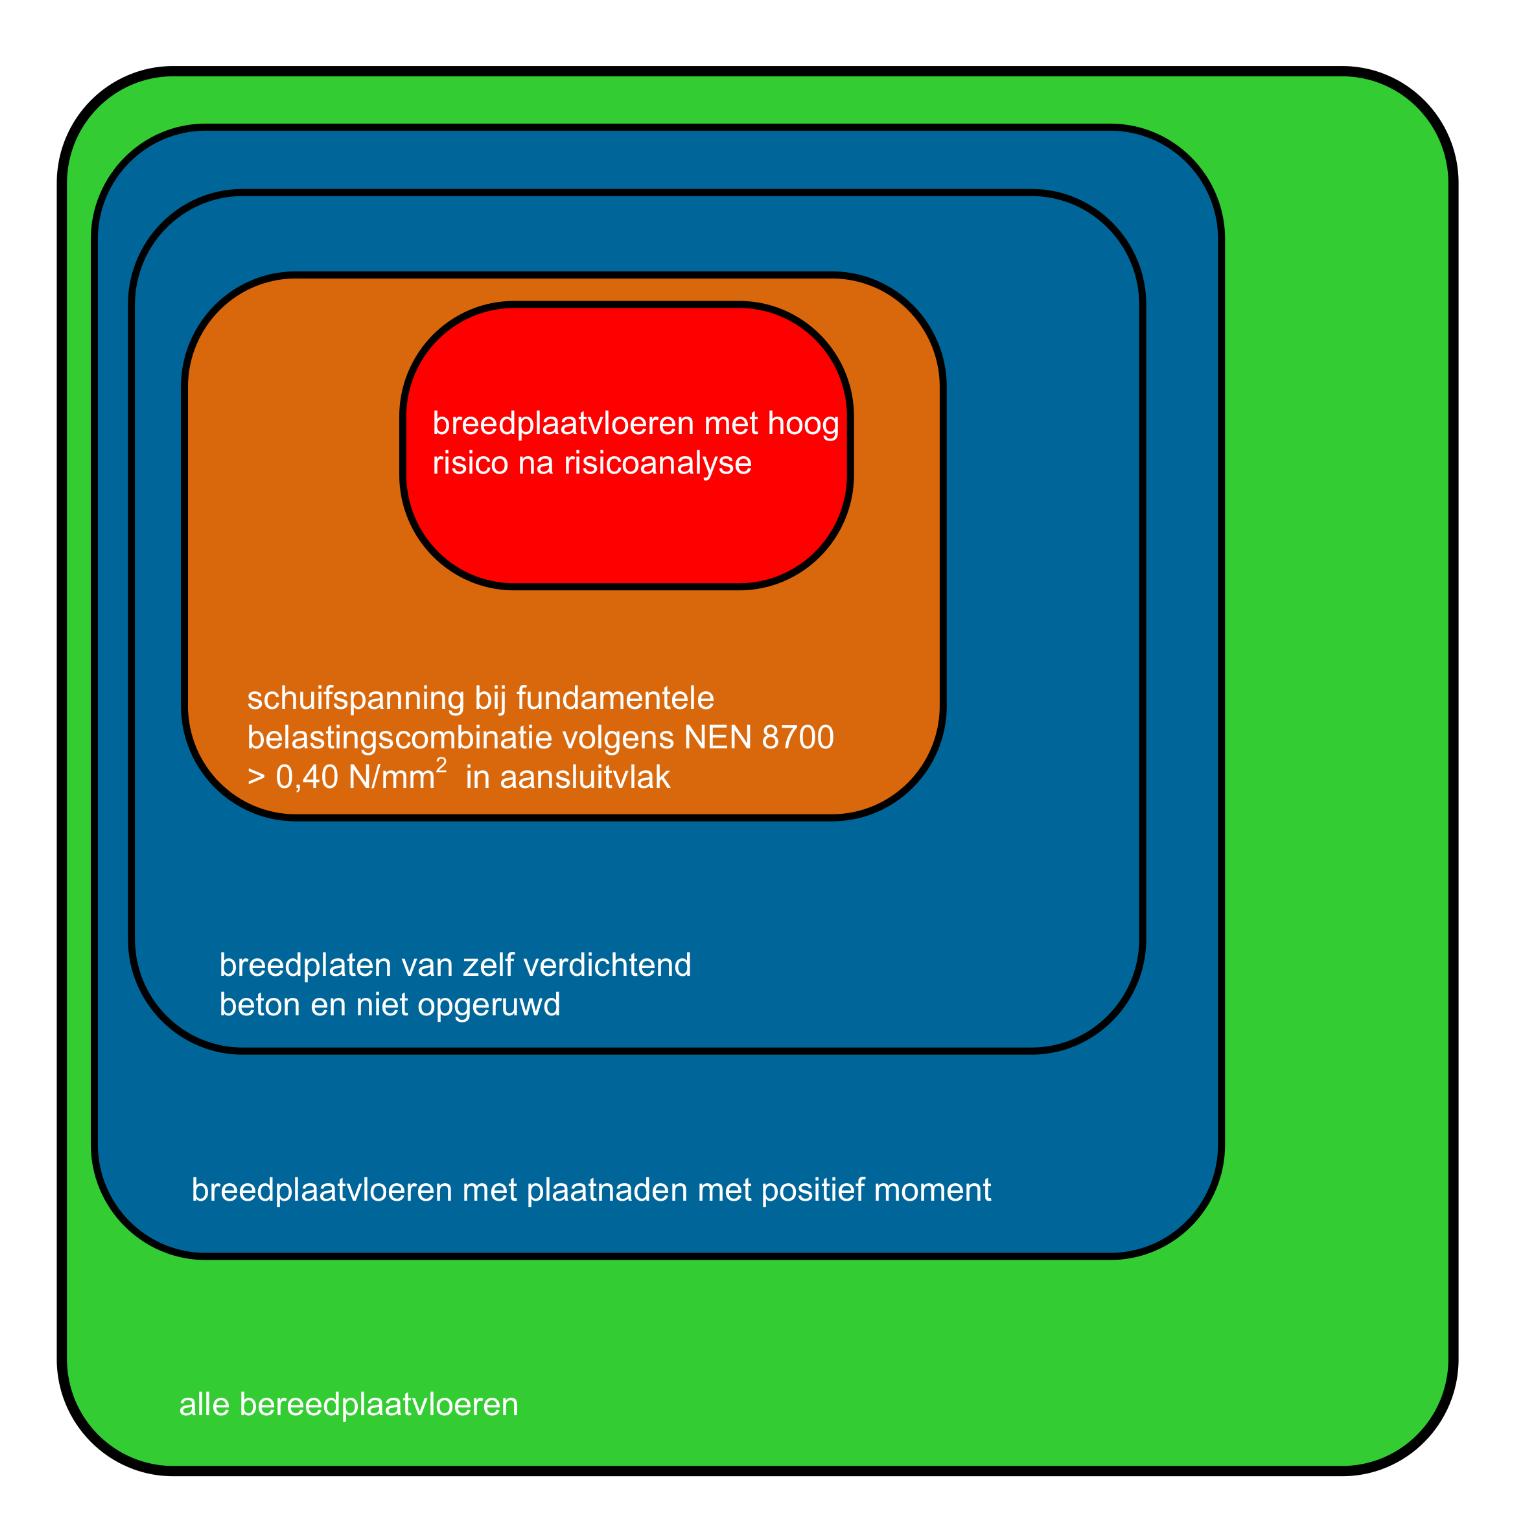 Risicocategorieën breedplaatvloeren